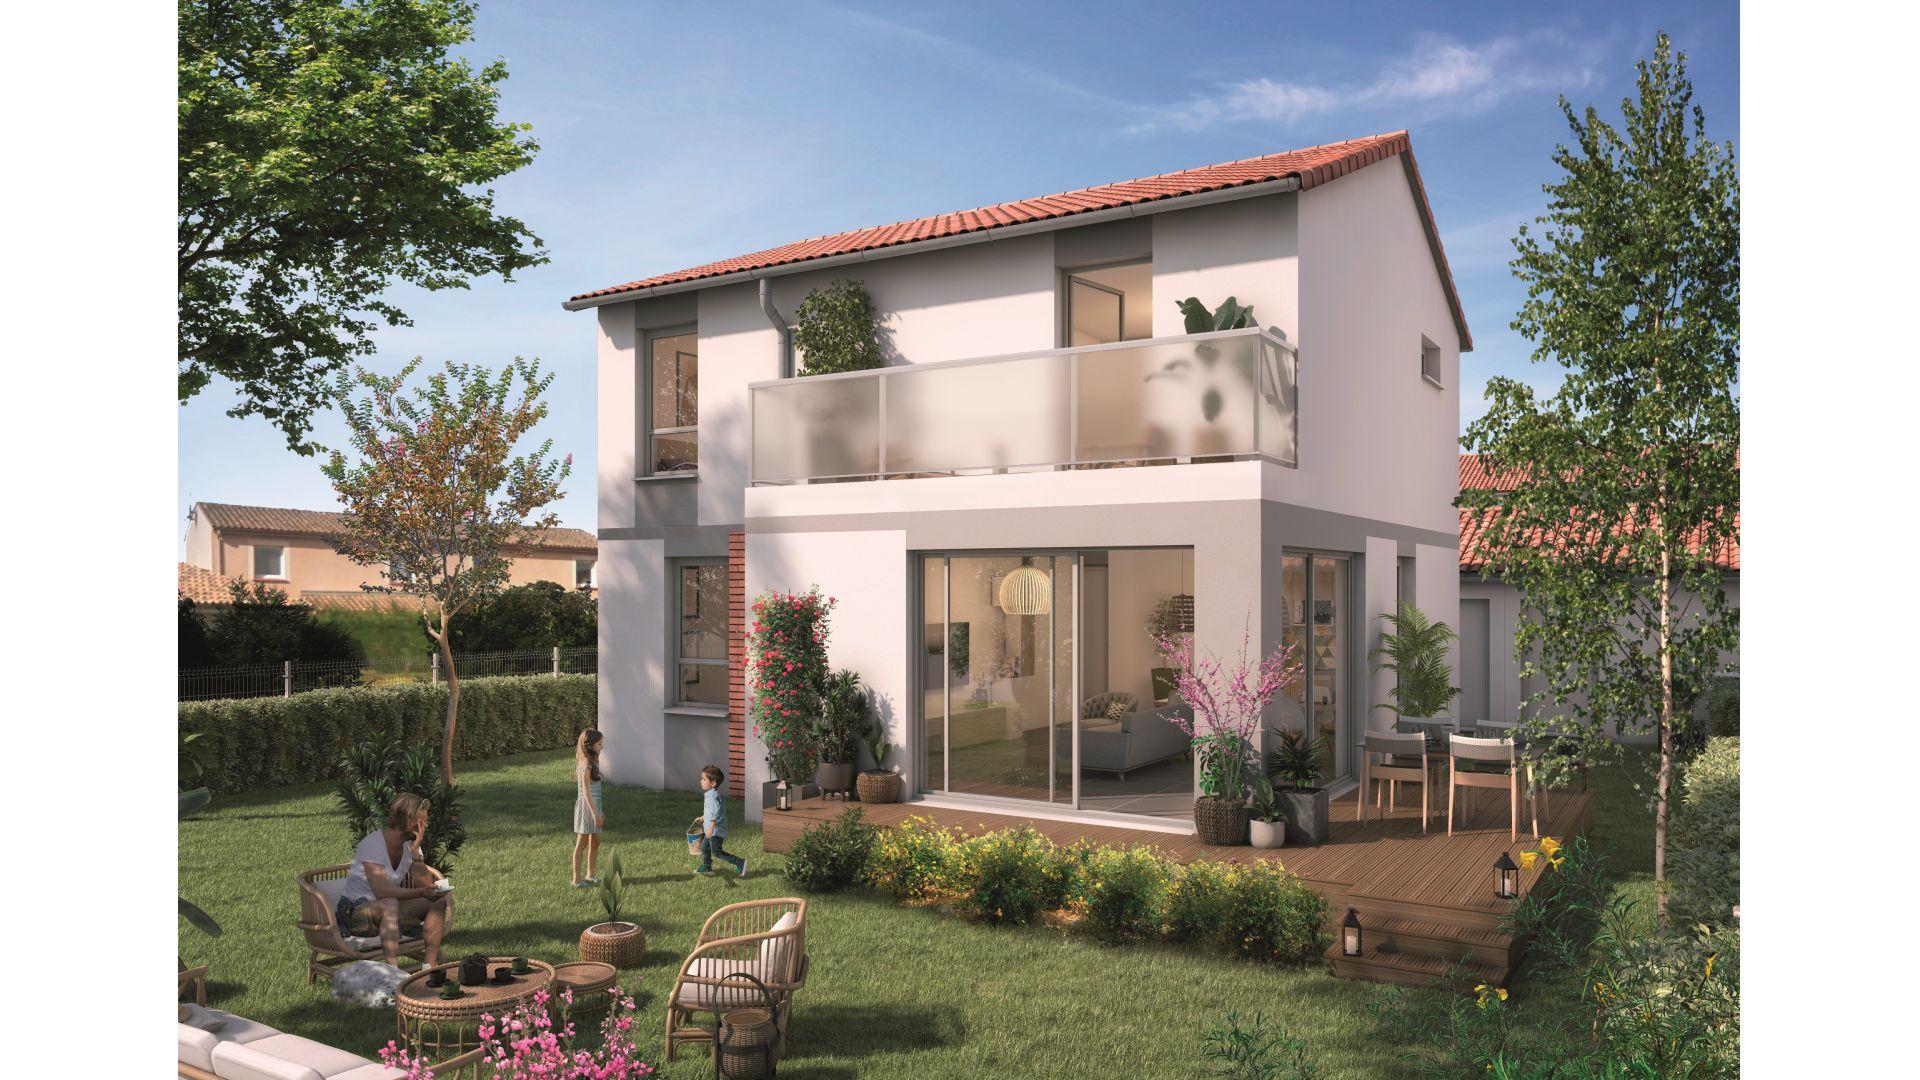 Greencity Immobilier - Domaine du Haumont - achat appartements et villas du T2 bis au T5 - Pins-Justaret 31860 - villa T5